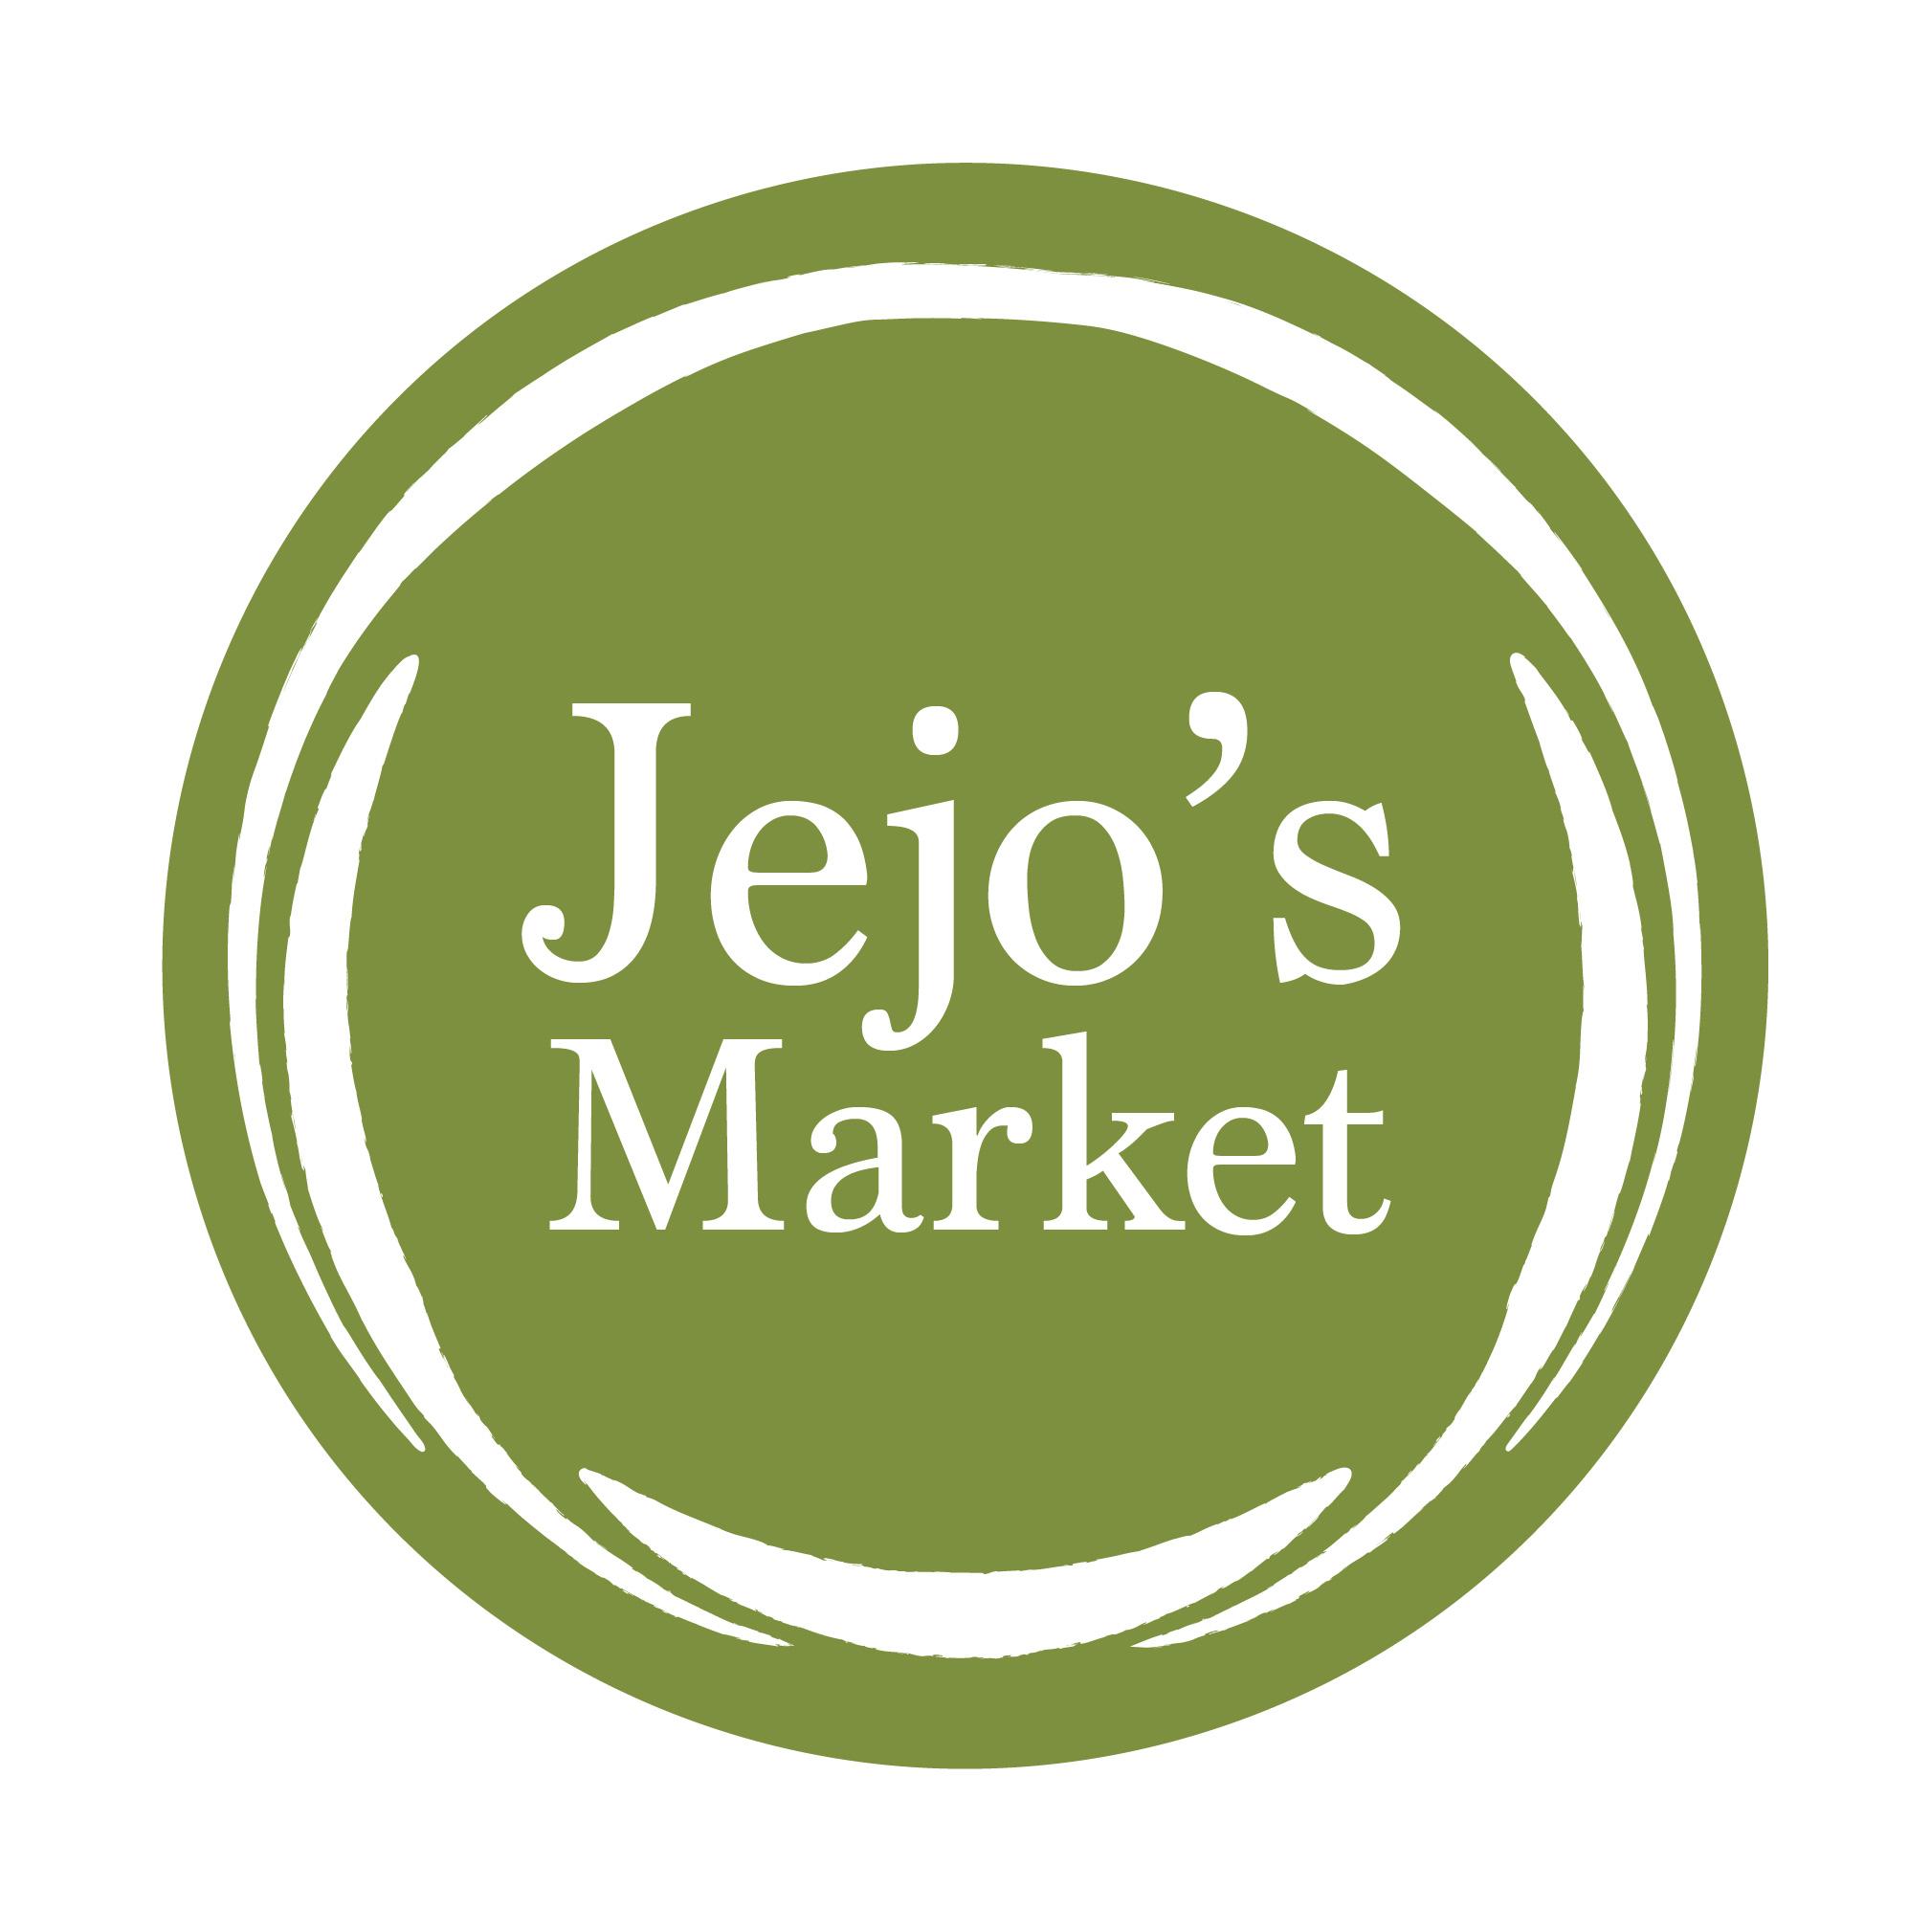 Jejo's Market Logo.jpg